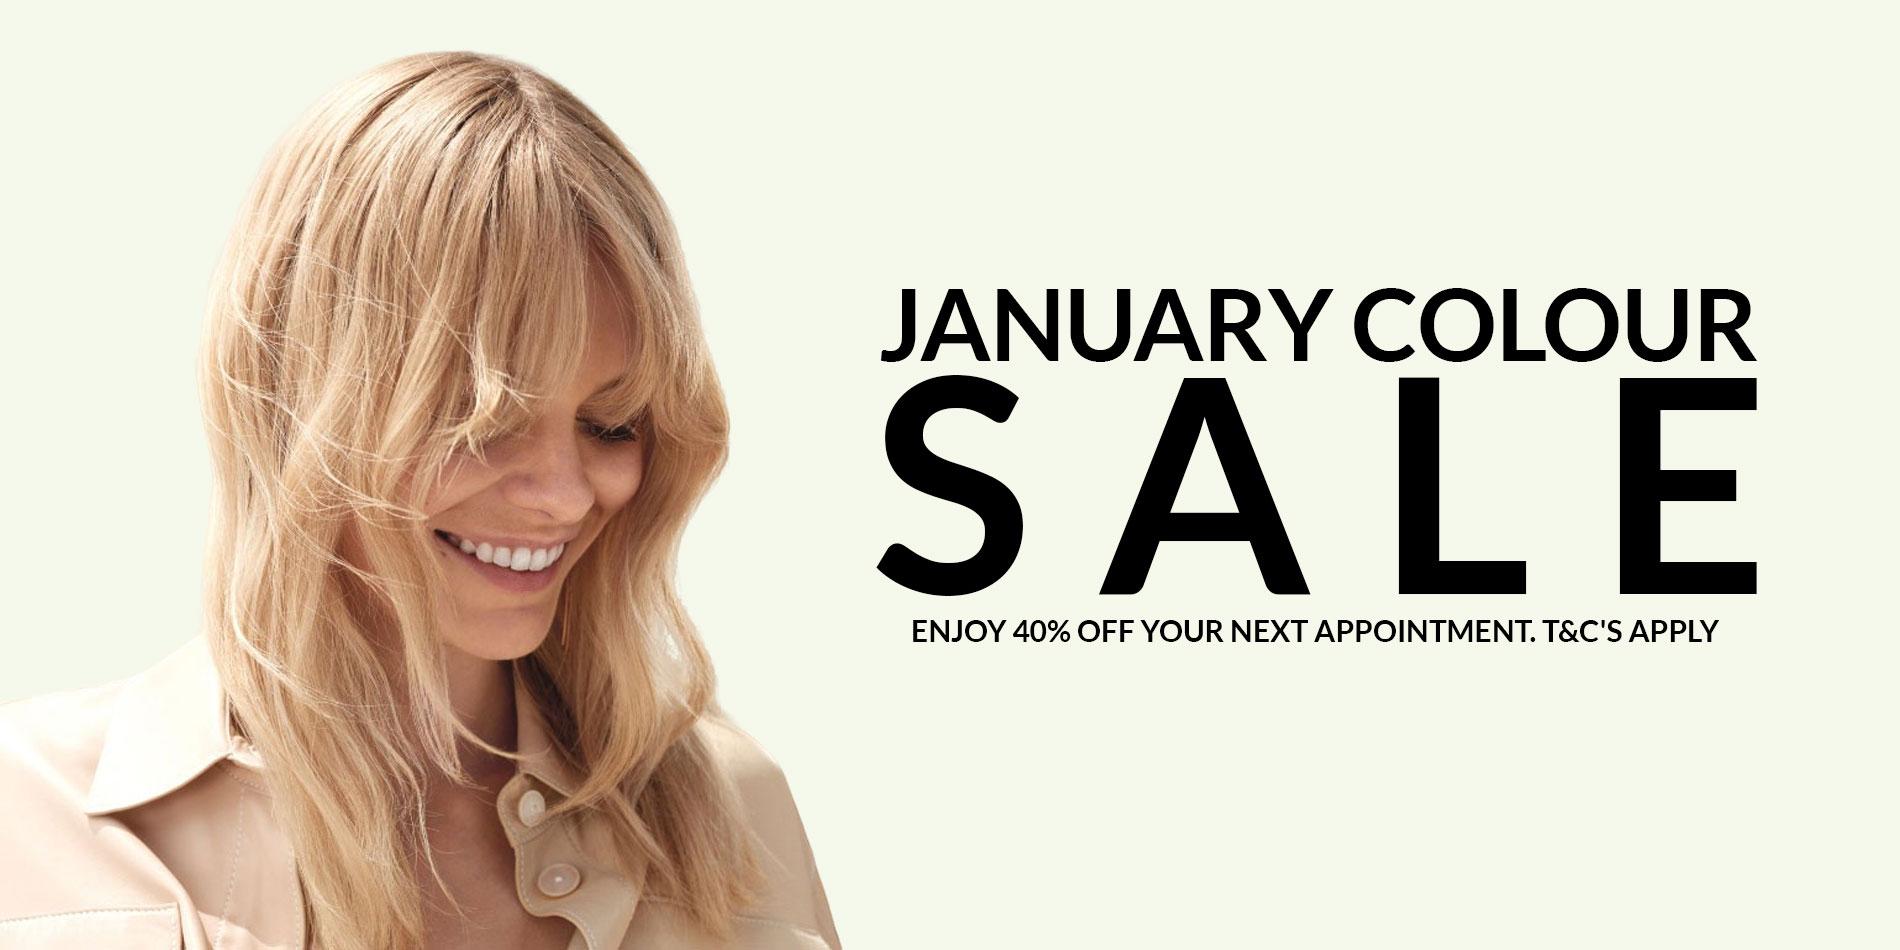 January hair colour offer, top dundee salon